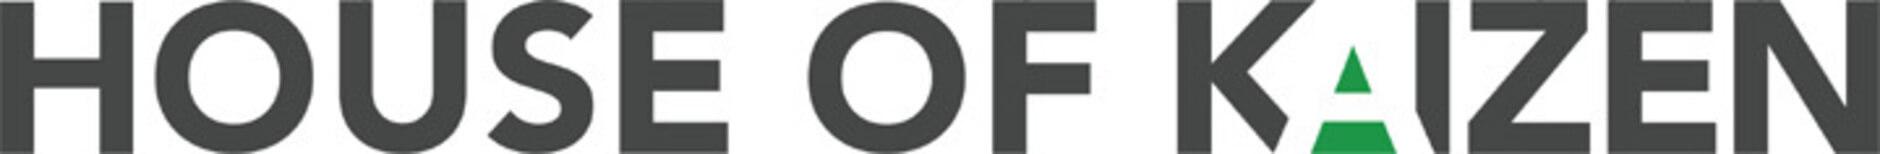 House of Kaizen Logo.jpg